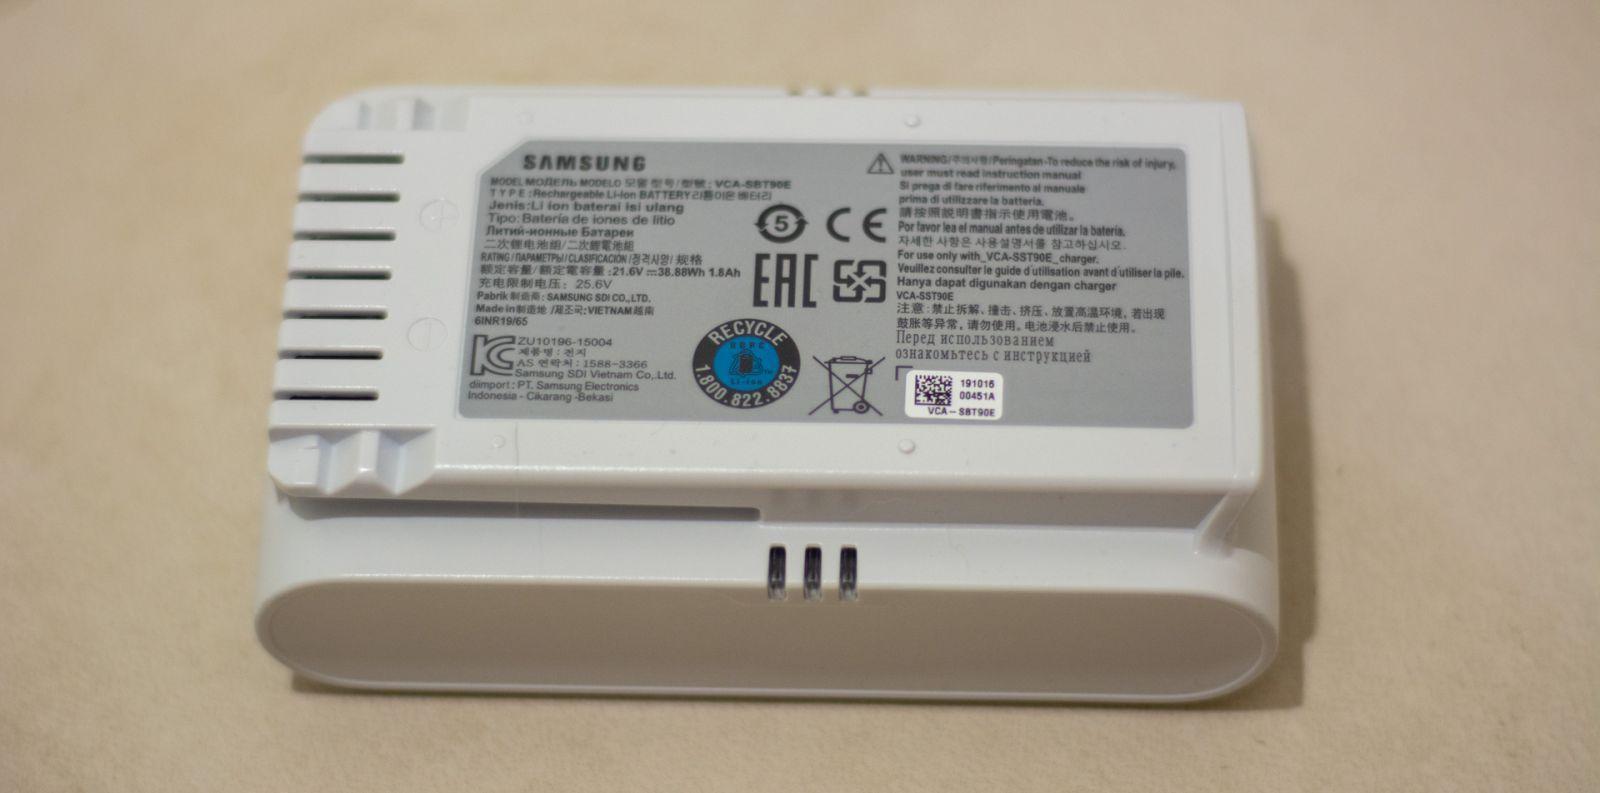 Обзор пылесоса Samsung Jet Light VS90E. Идеальная чистота (dsc 8168)